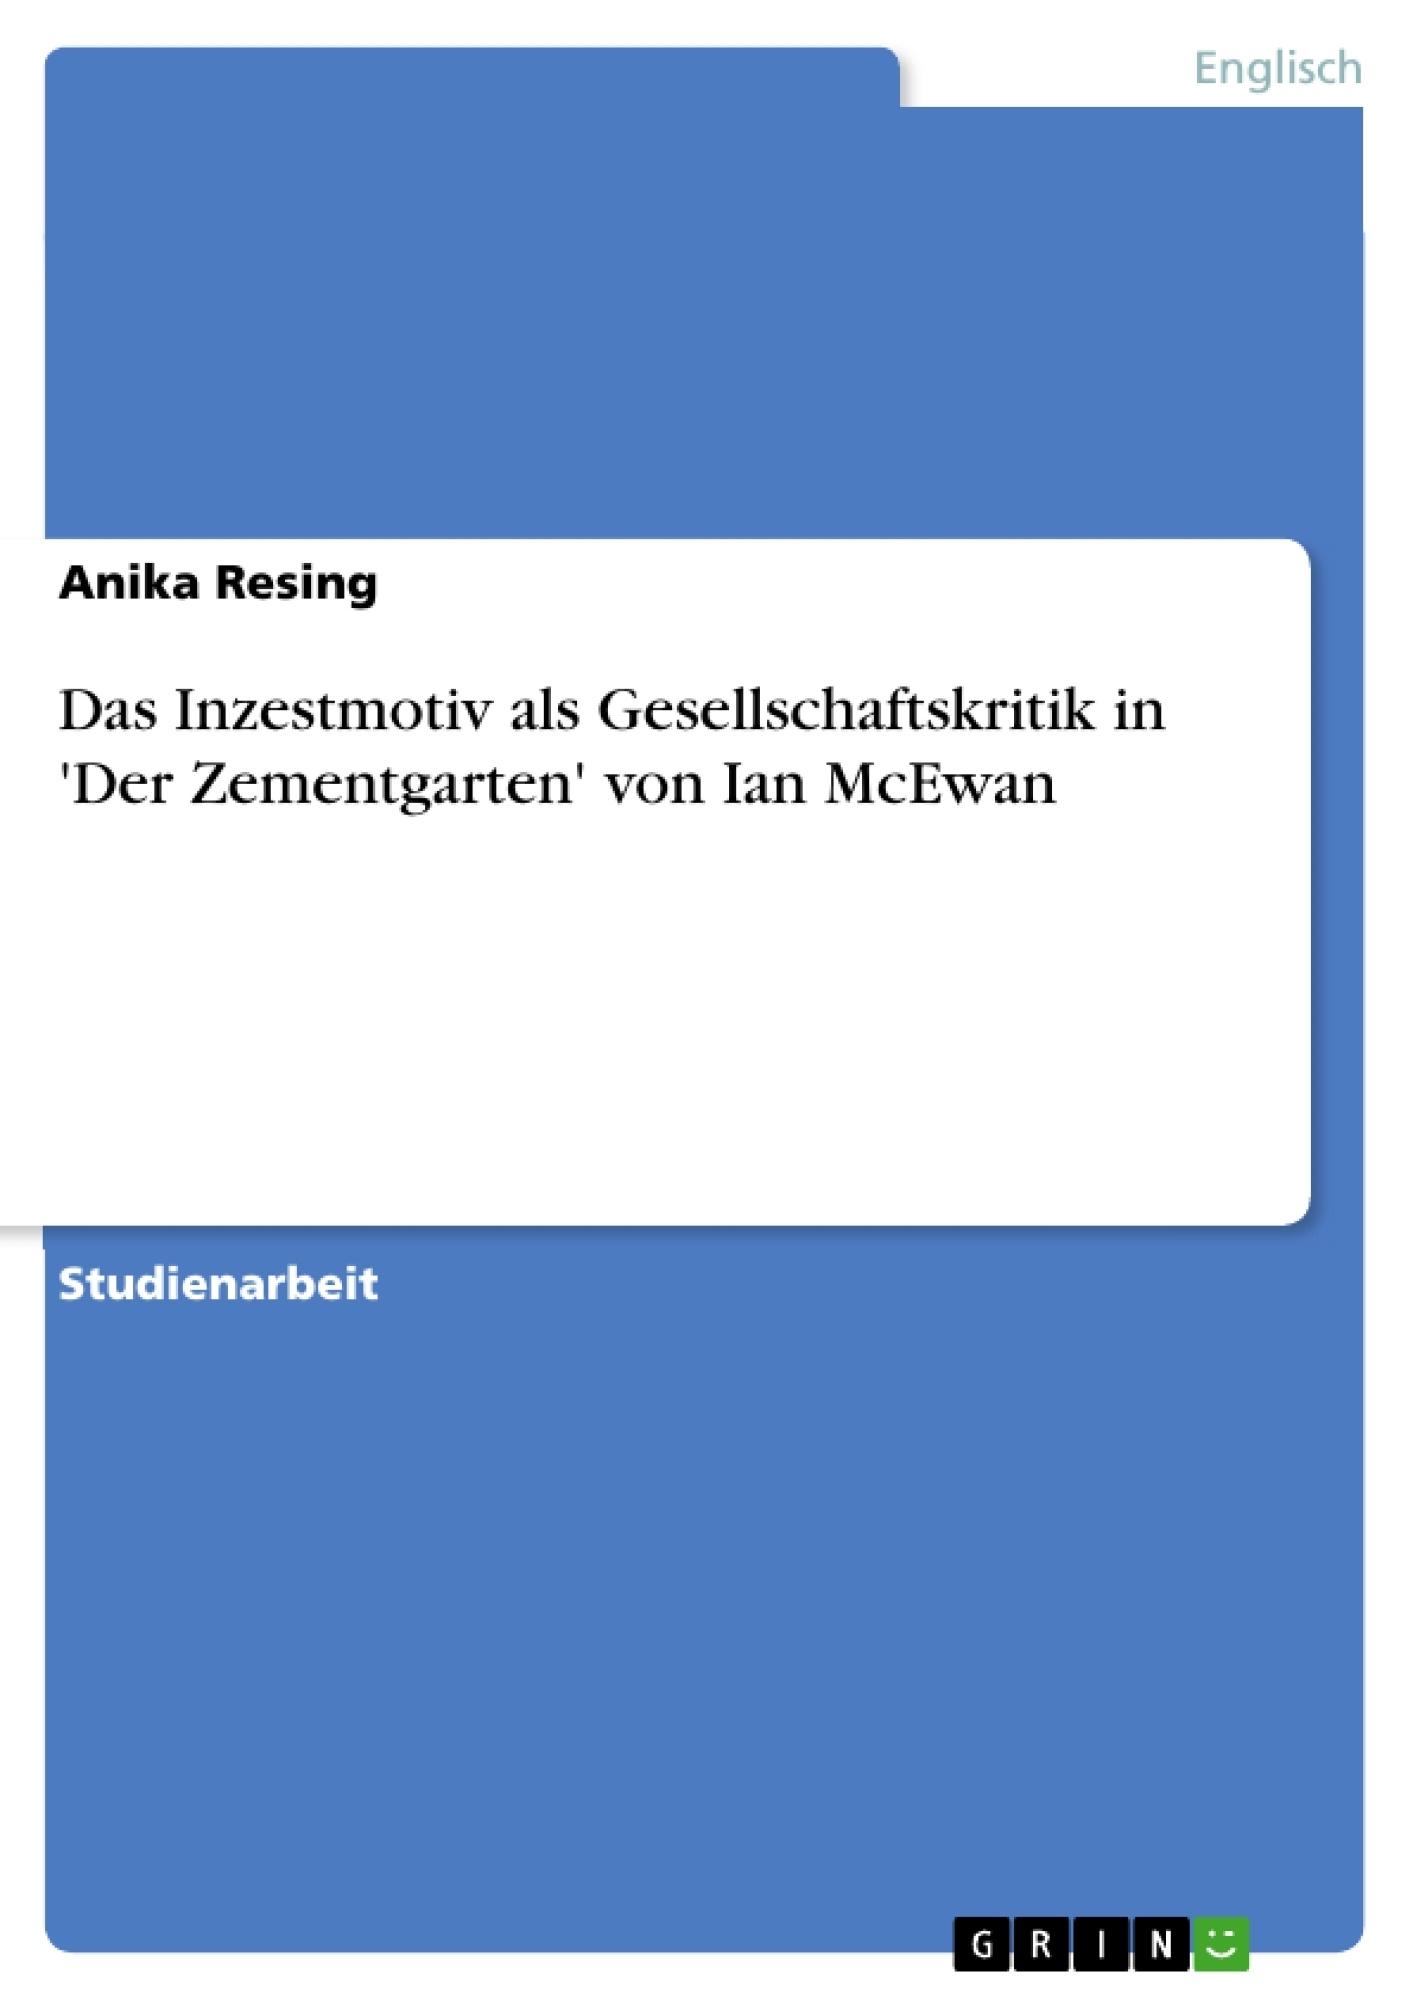 Titel: Das Inzestmotiv als Gesellschaftskritik in 'Der Zementgarten' von Ian McEwan